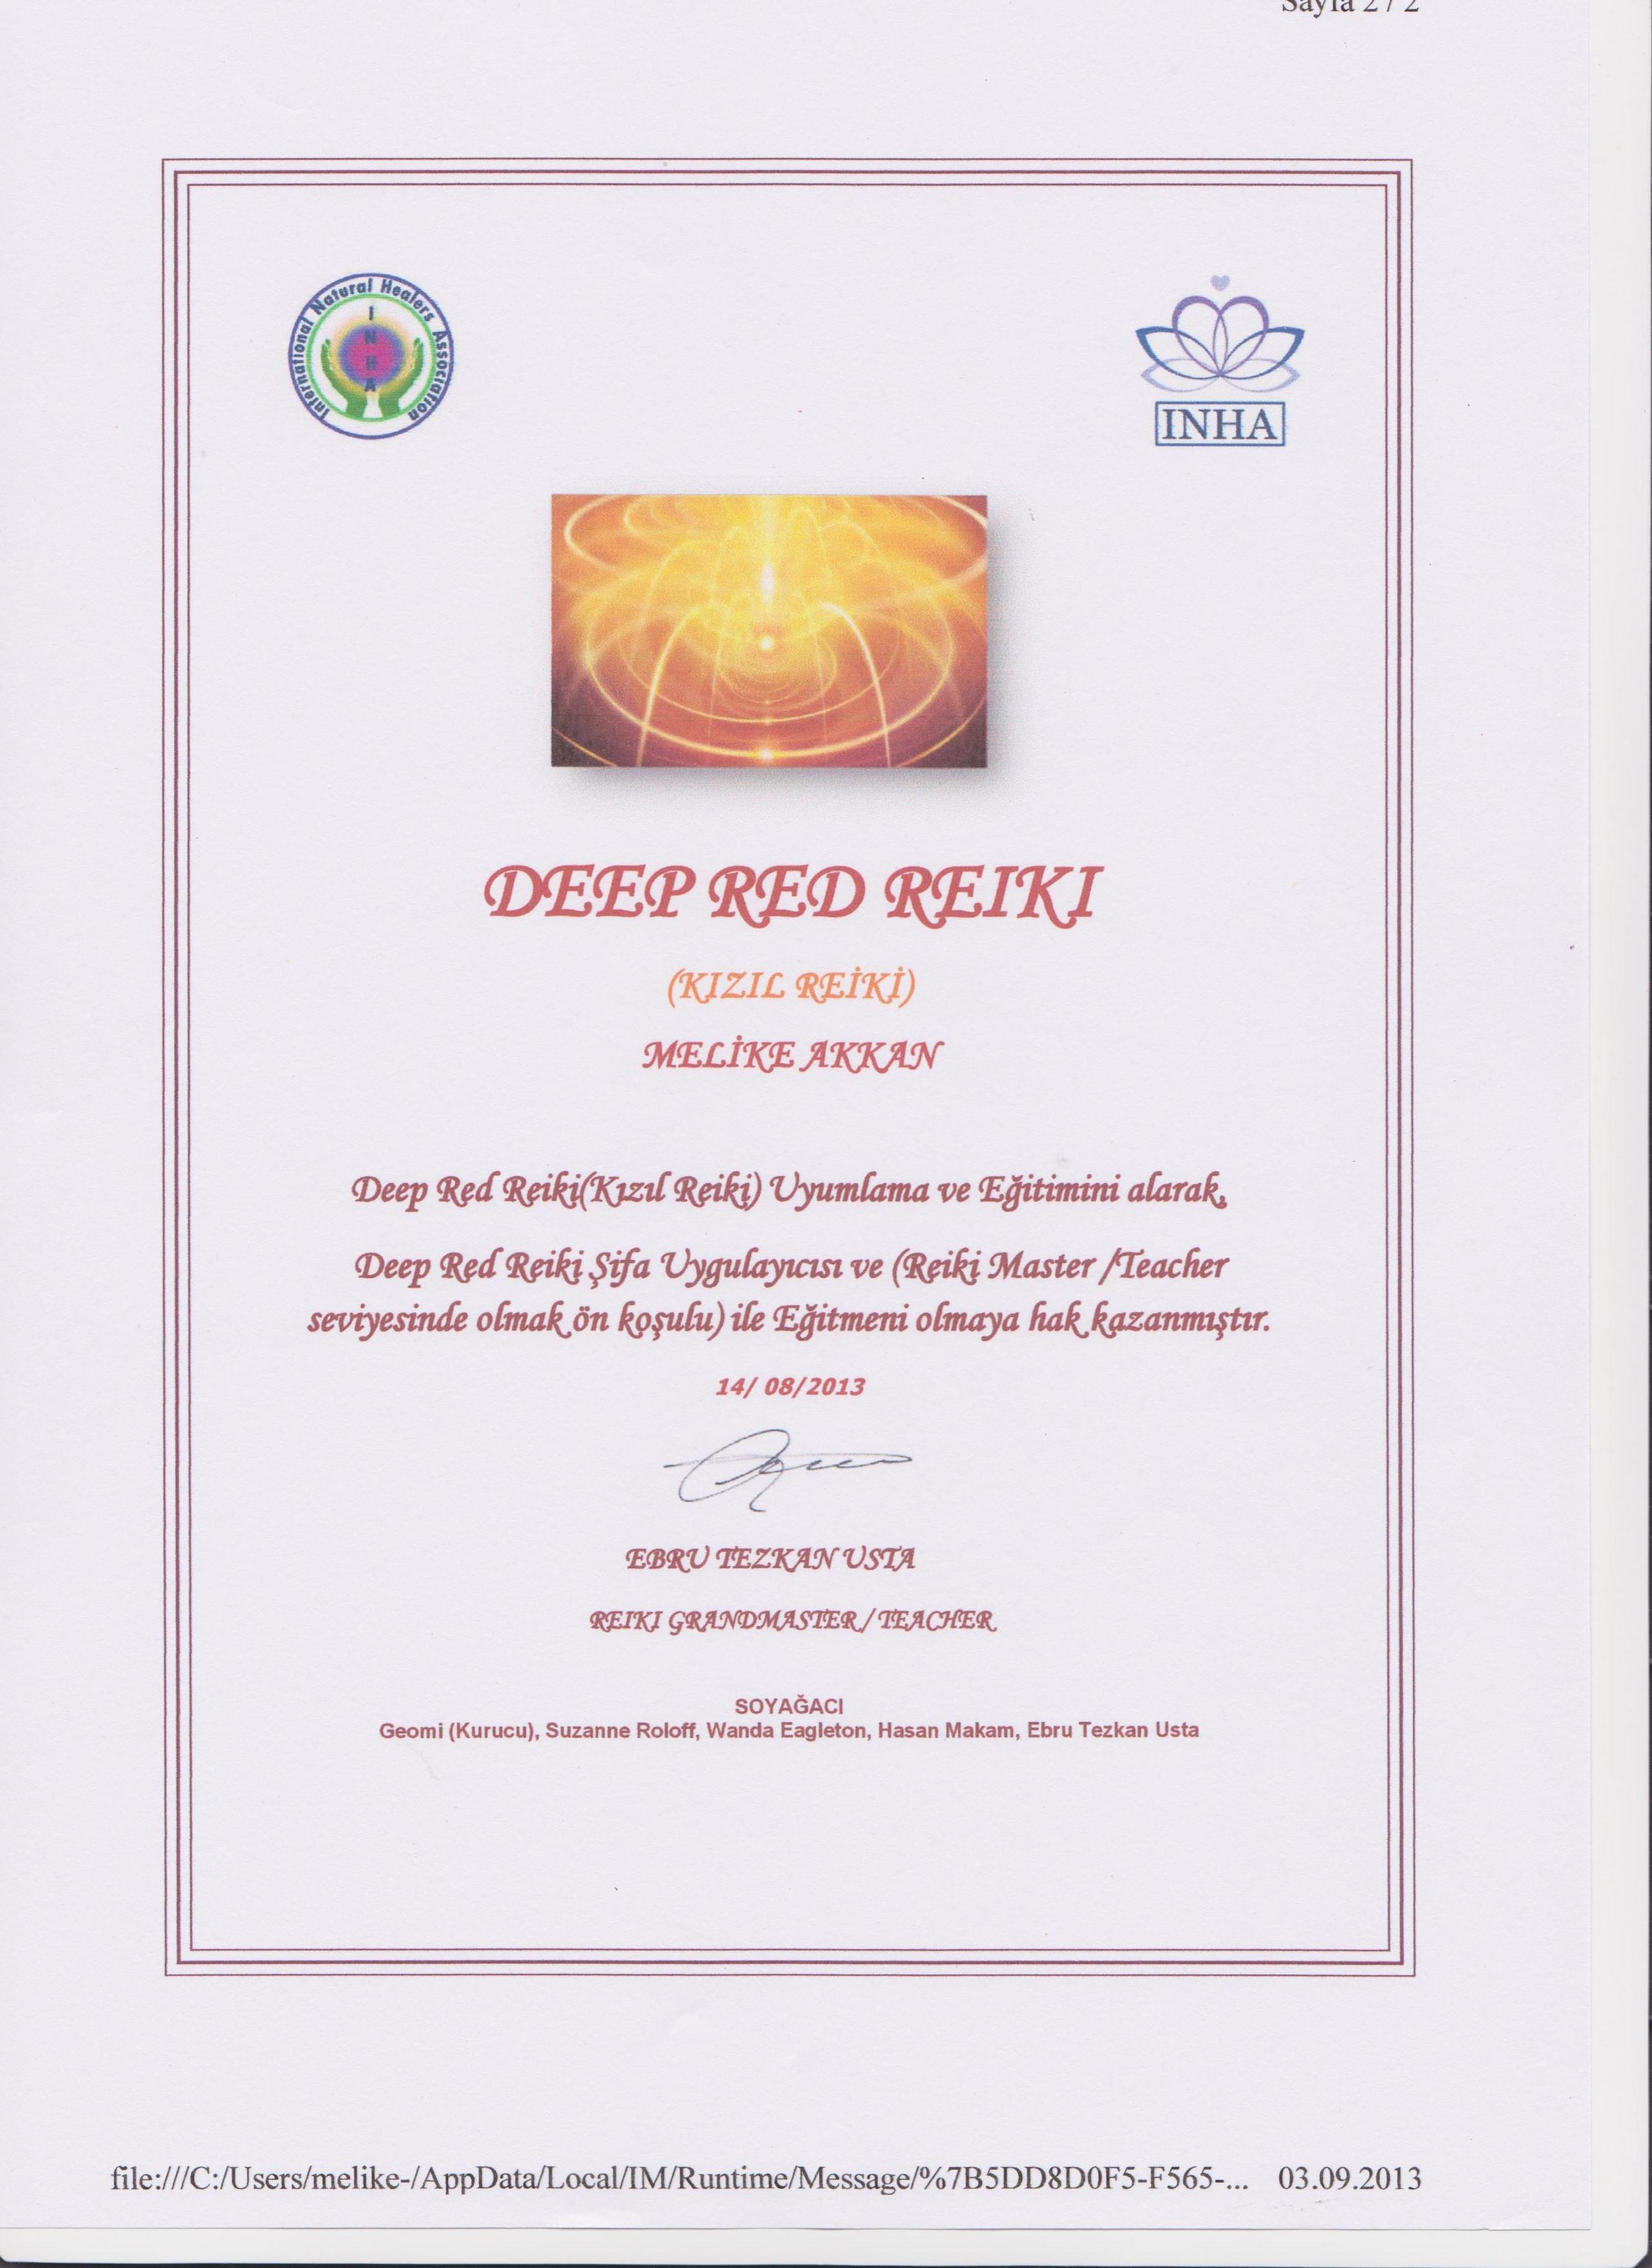 Deep Red Reiki